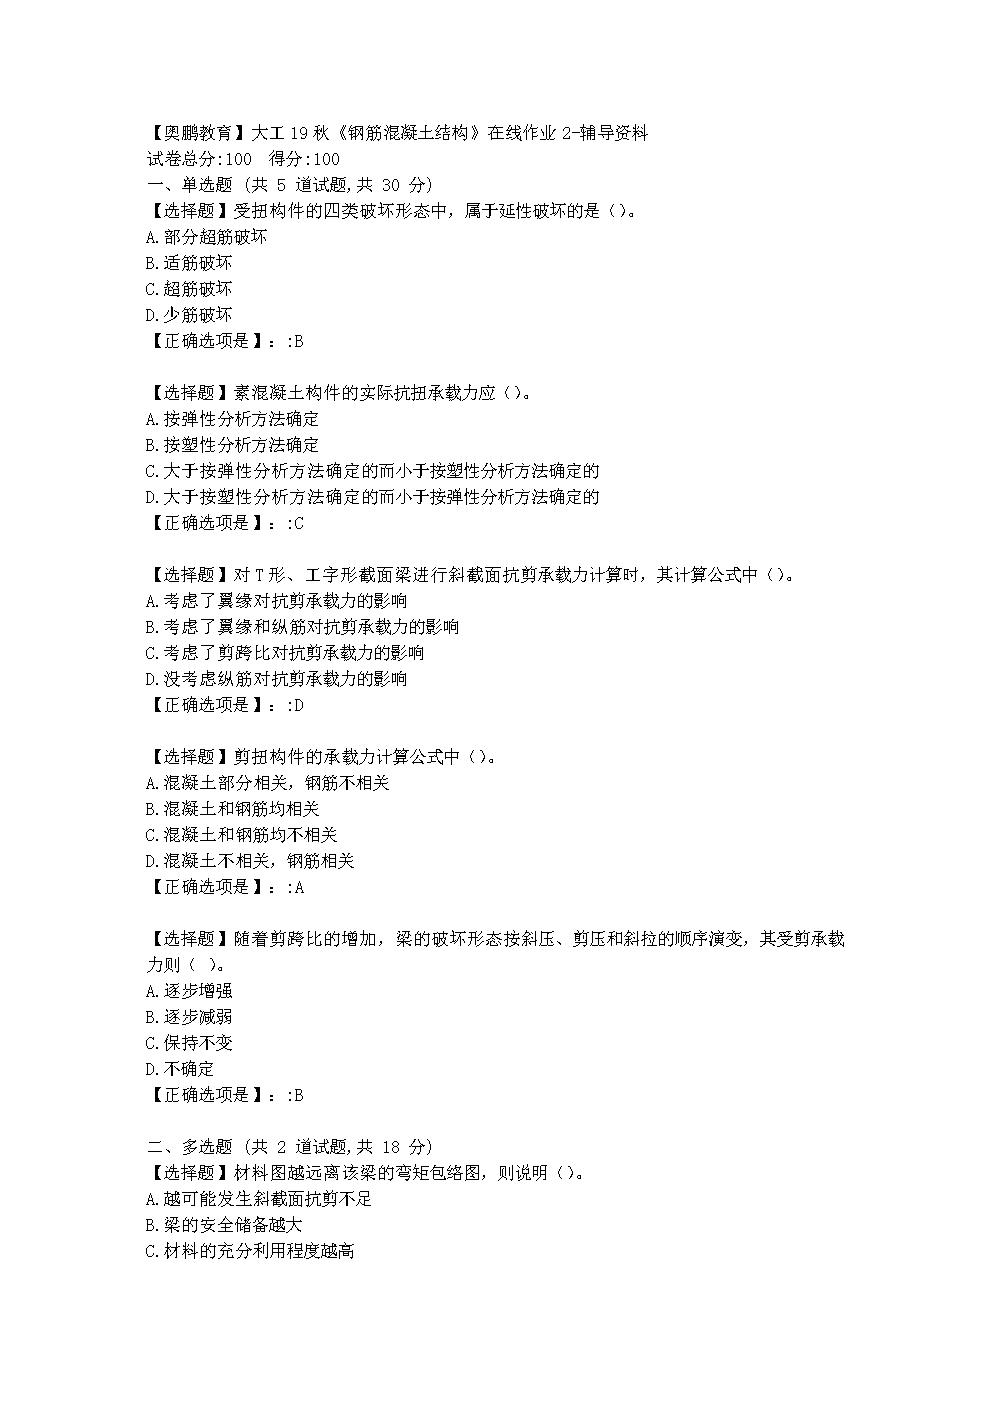 大连理工大学19秋《钢筋混凝土结构》在线作业2学习资料.doc